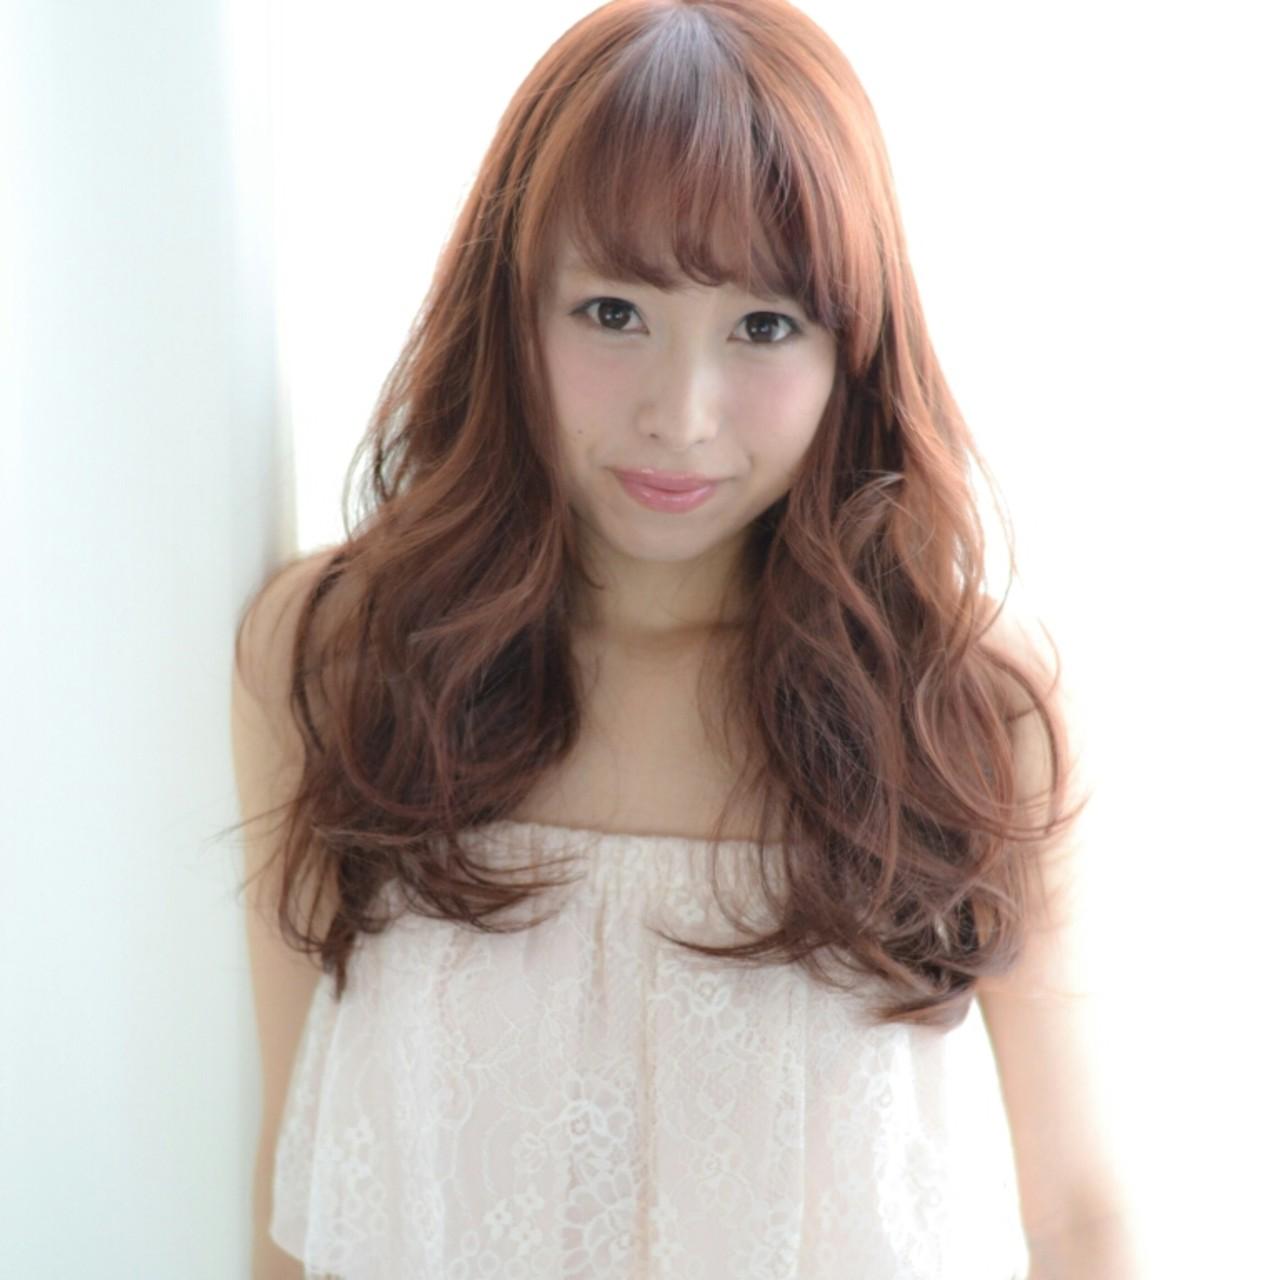 フェミニン パーマ ガーリー ロング ヘアスタイルや髪型の写真・画像 | Tsuru Shohei / ASIA(アジア)